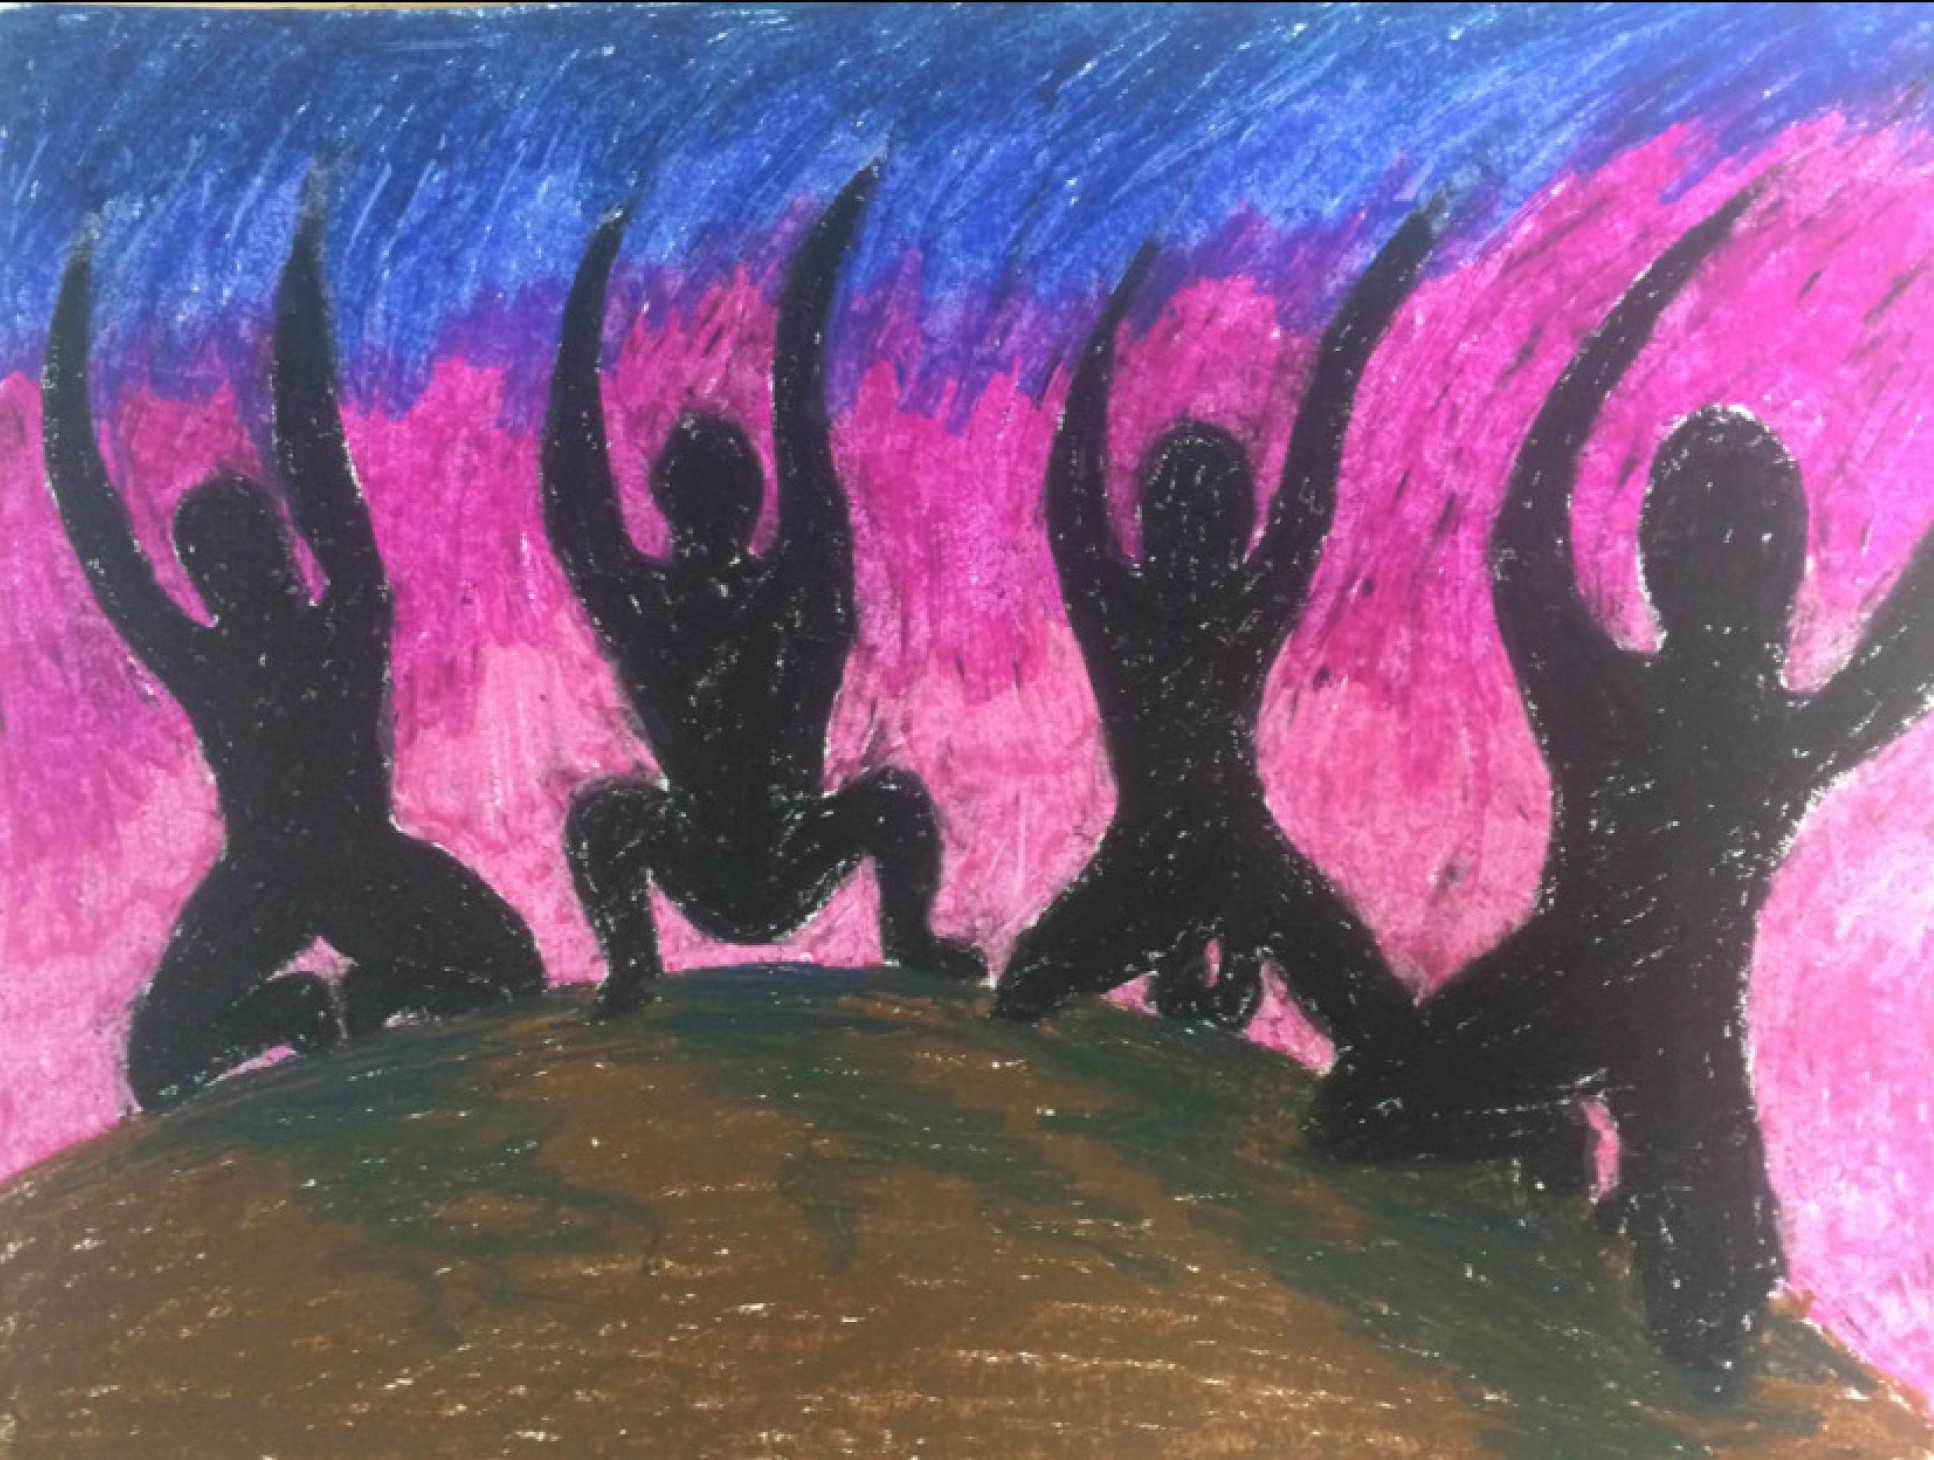 Ilustración de uno de los participantes del estudio que captura algunas de las visiones durante su experiencia con DMT: muestra cuatro sombras arrodilladas en un montículo de tierra agitando los brazos contra un fondo colorido. ICL.